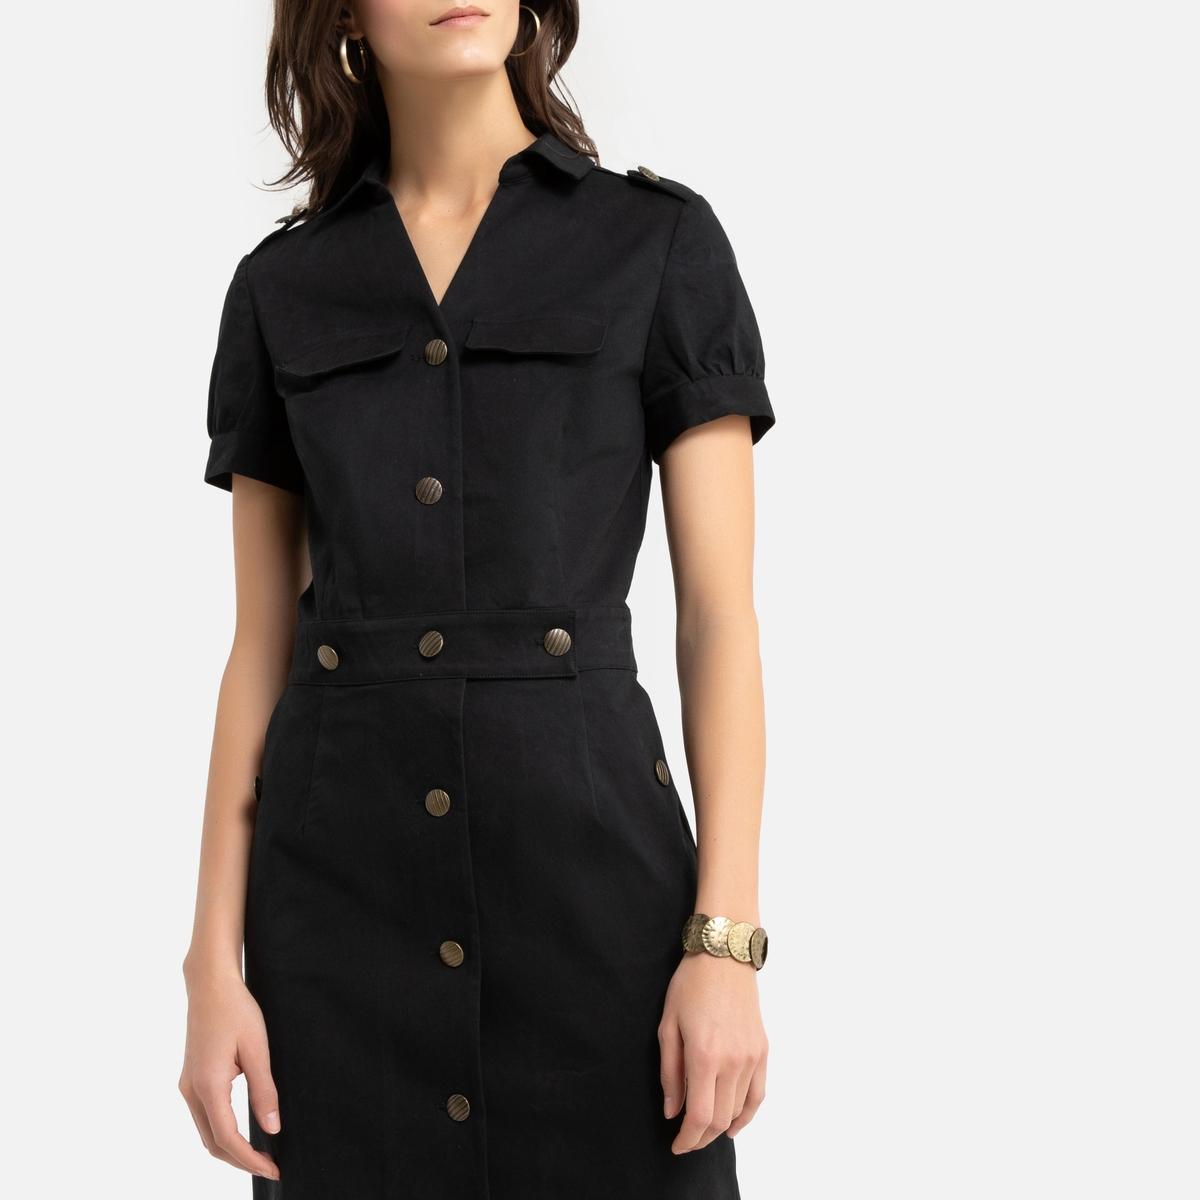 представляли собой платье из хлопка черного цвета фото образы бетона долговечная надежная